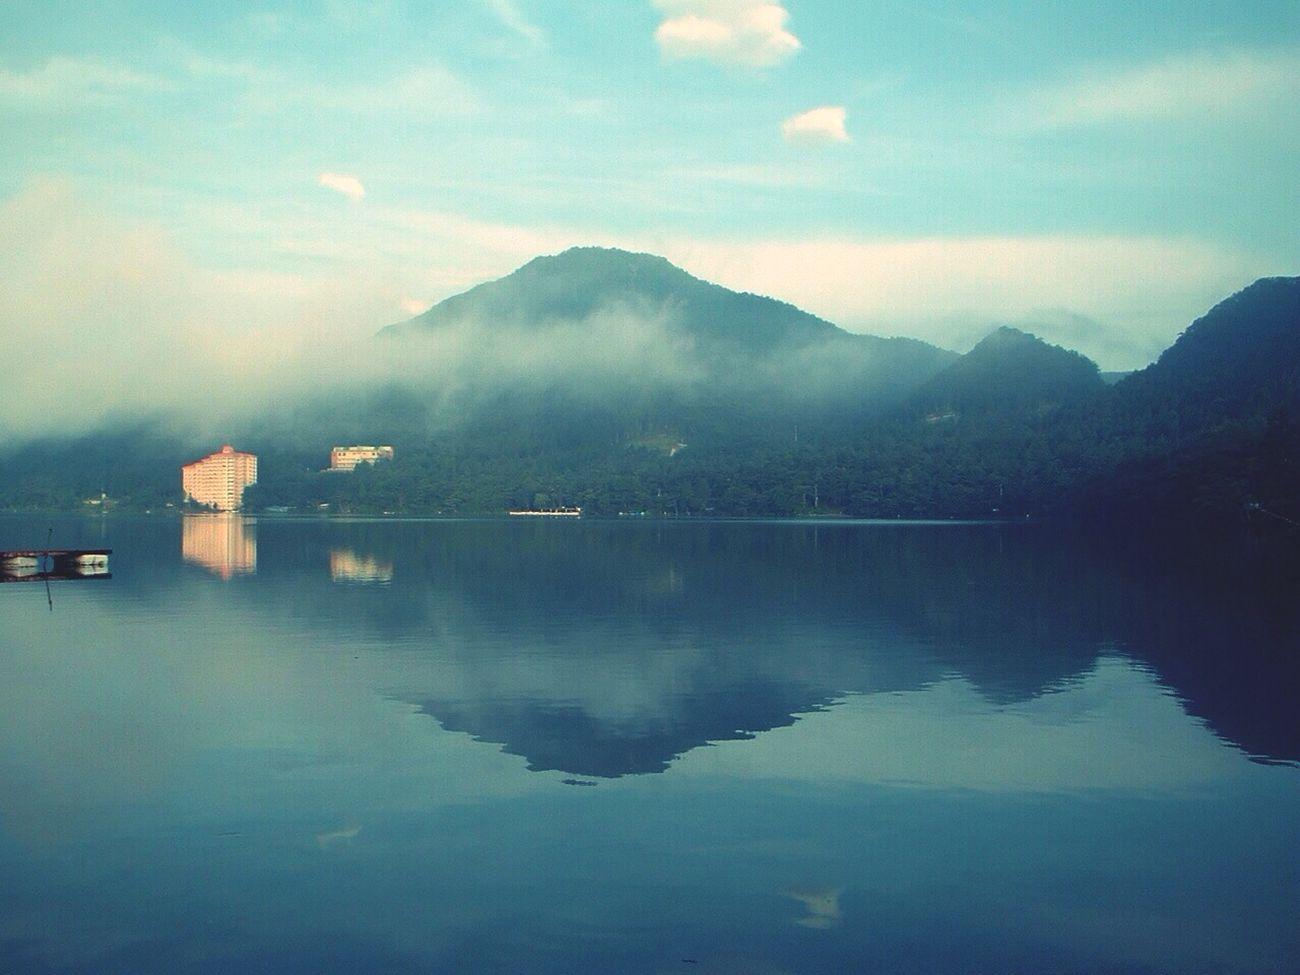 いつかの榛名湖。7月には、湖畔に蛍が舞います。 Lake Morning Mist Photo My Favorite Place